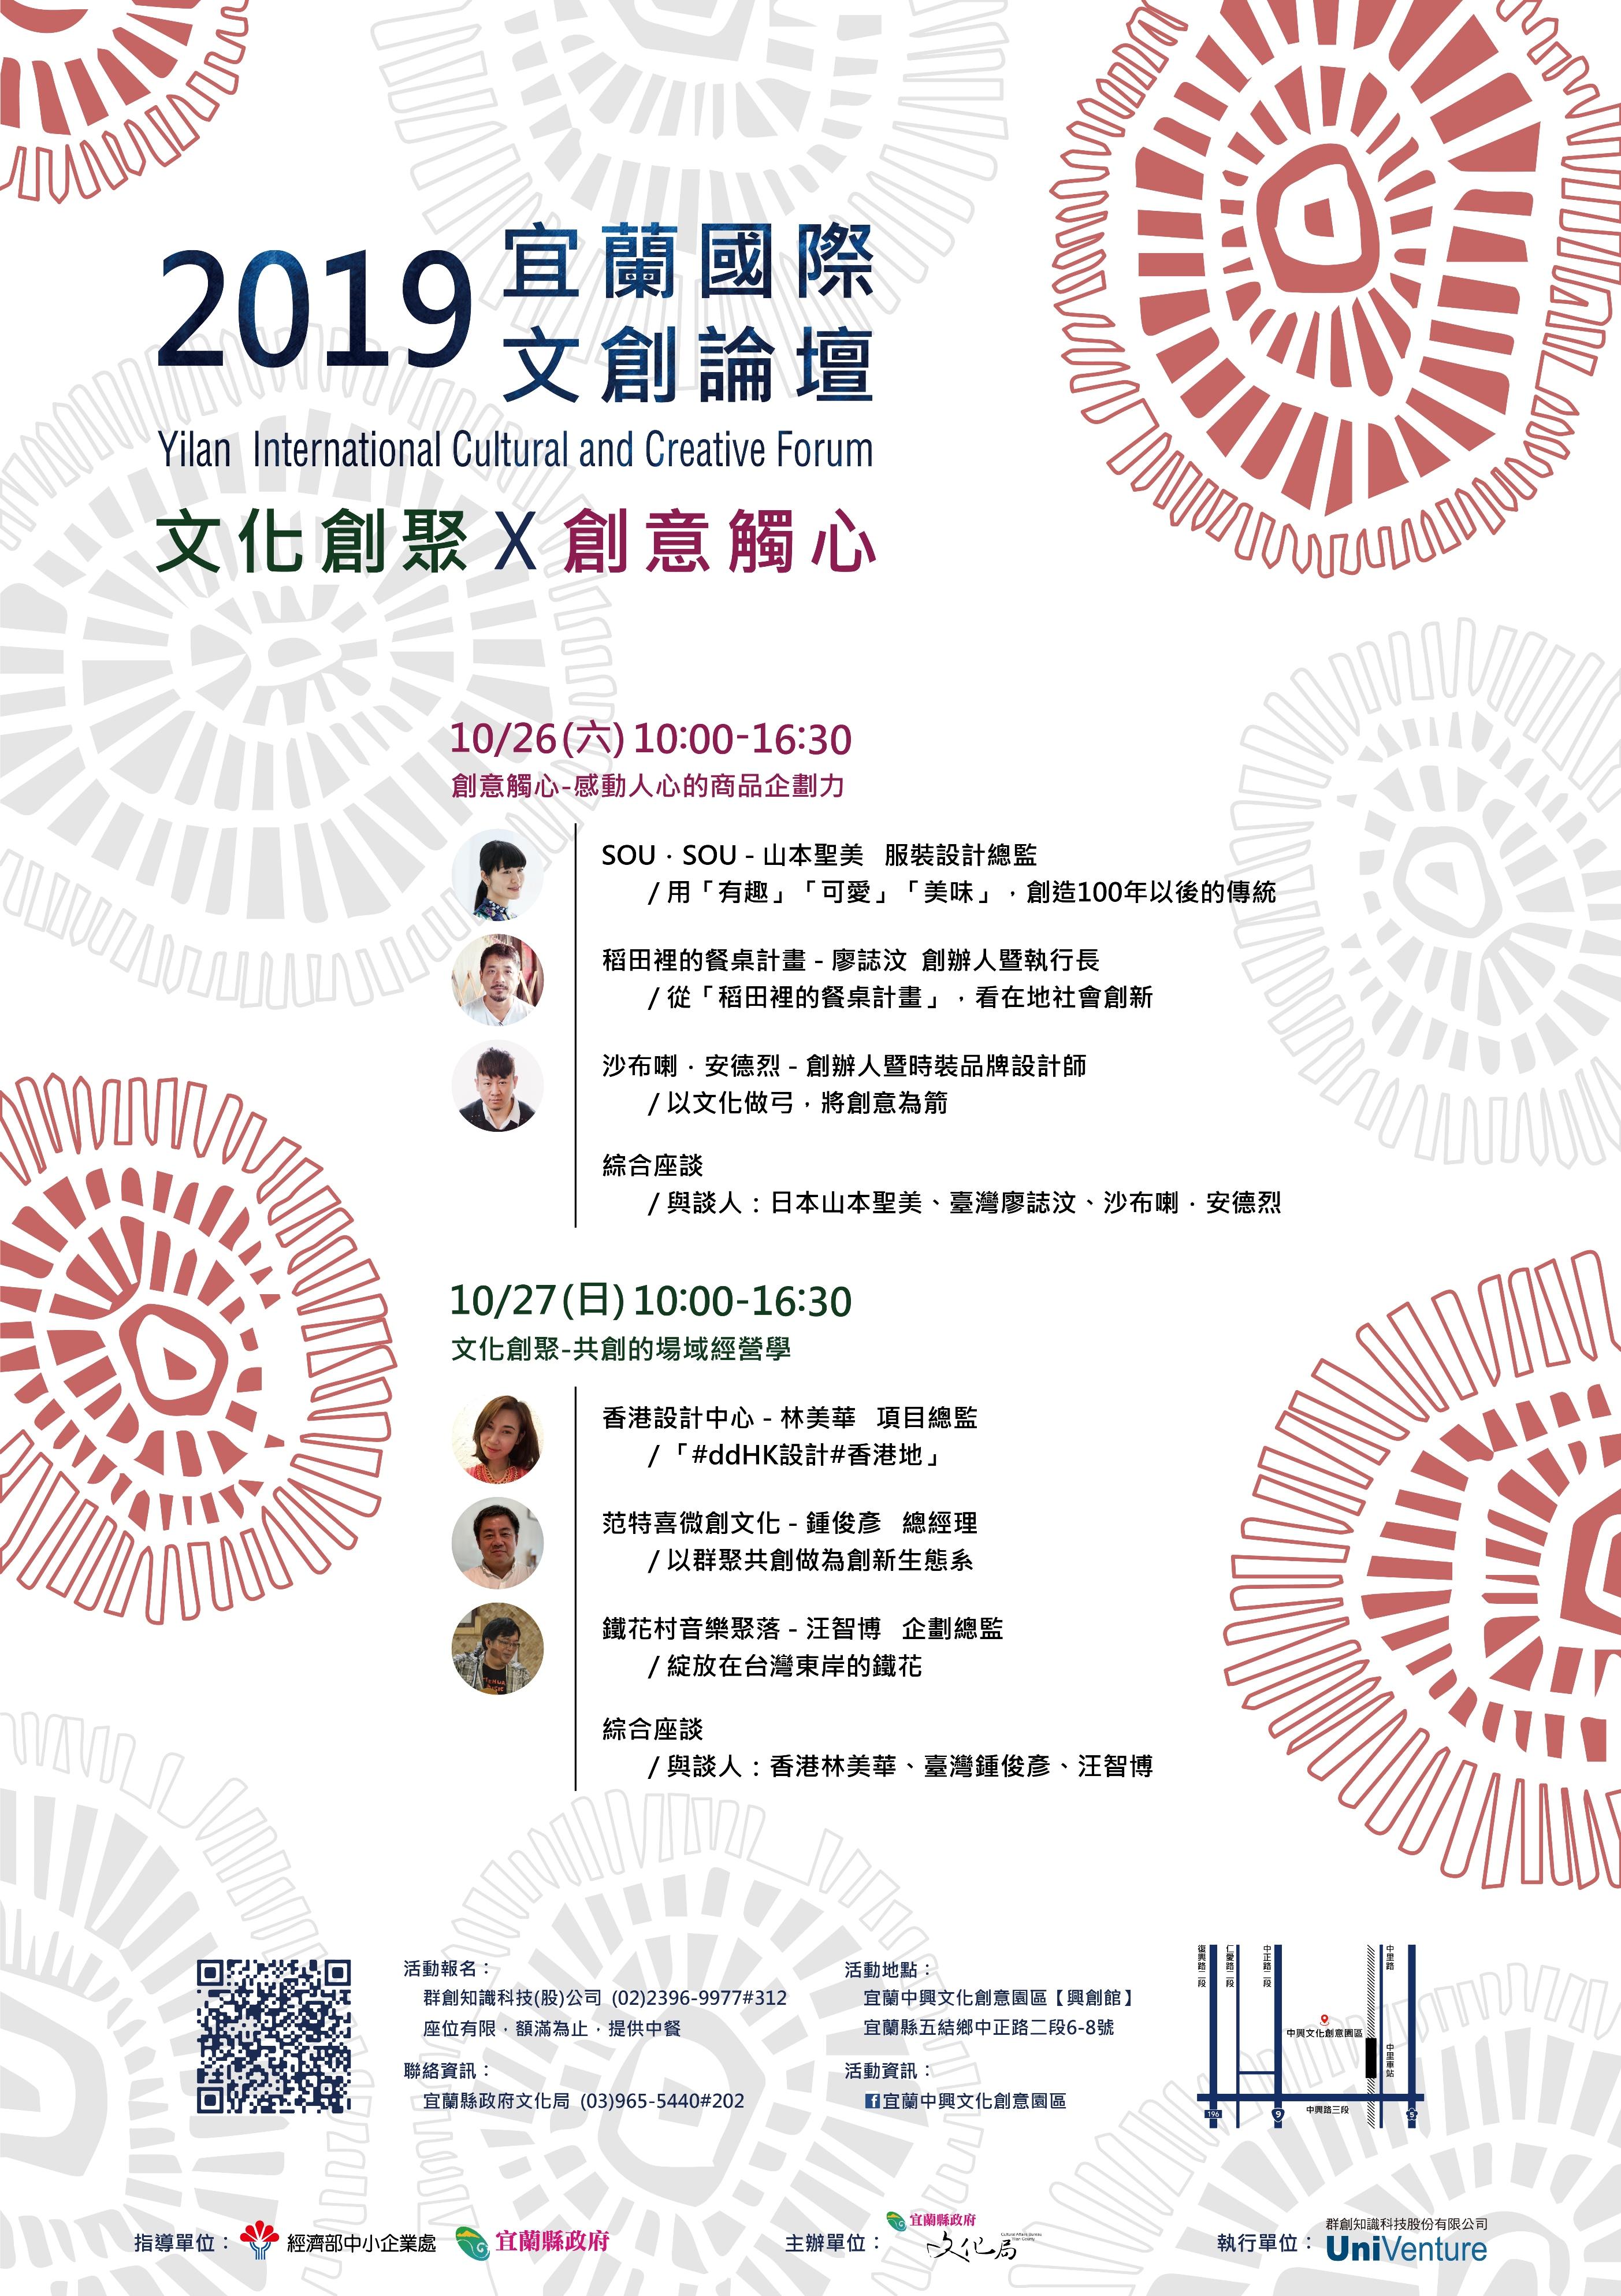 2019宜蘭國際文創論壇-文化創聚x創意觸心